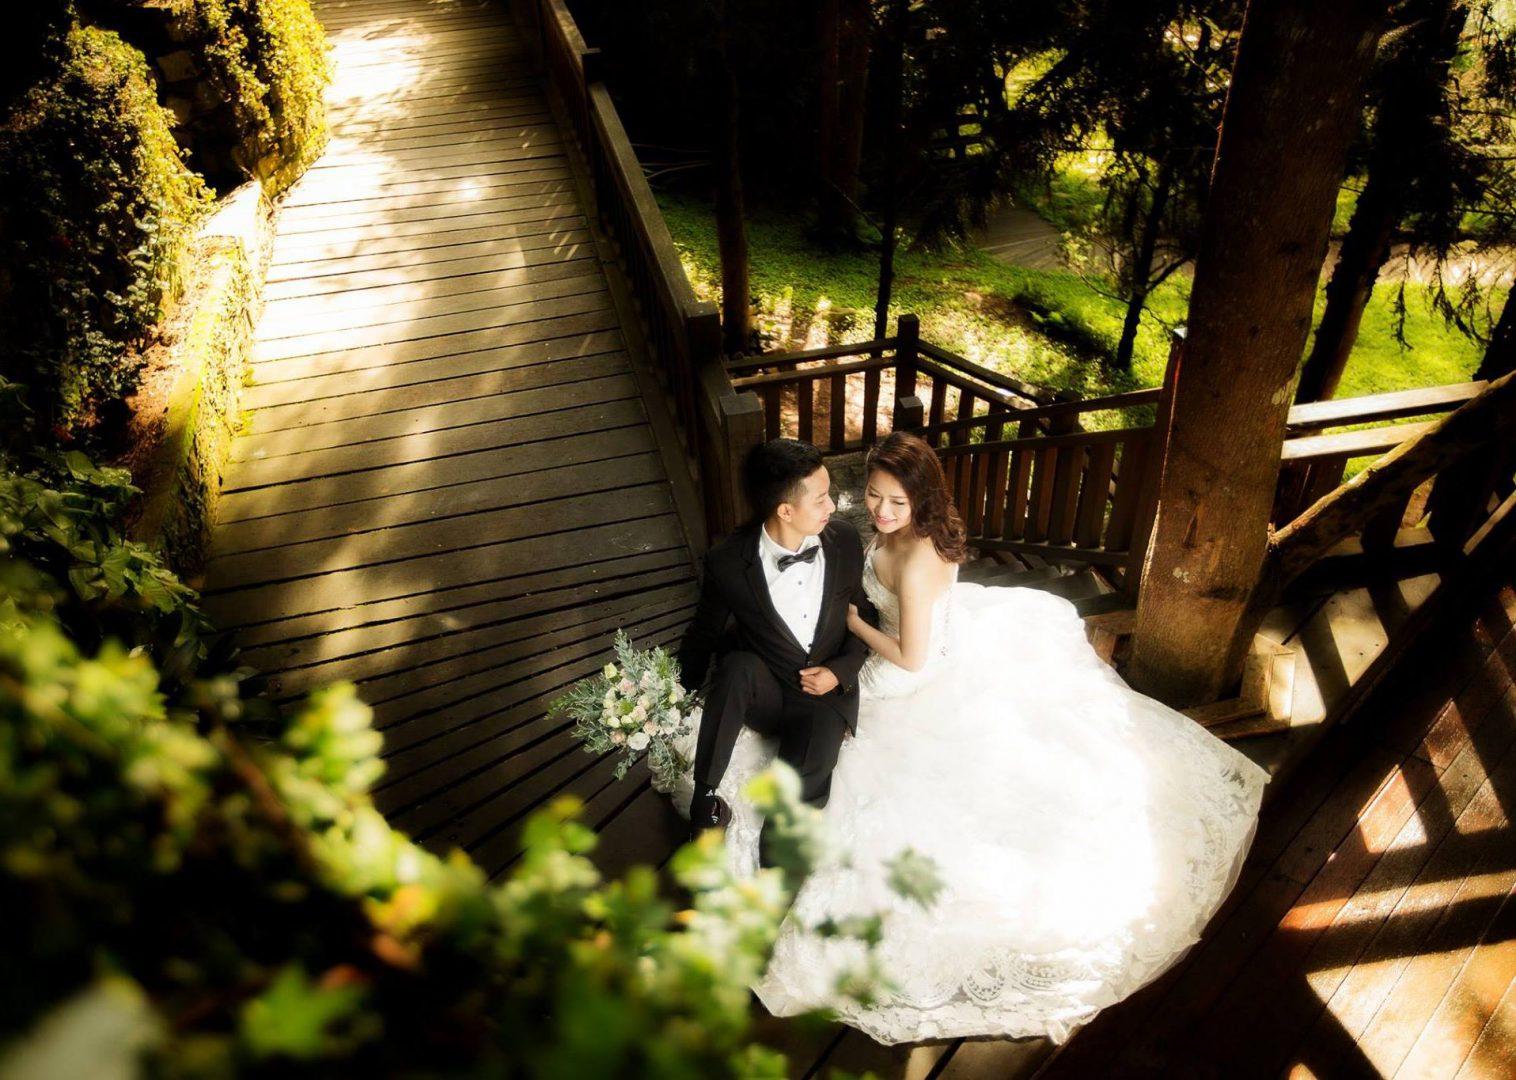 Địa điểm chụp ảnh cưới đẹp Đà Lạt đẹp từng mùa